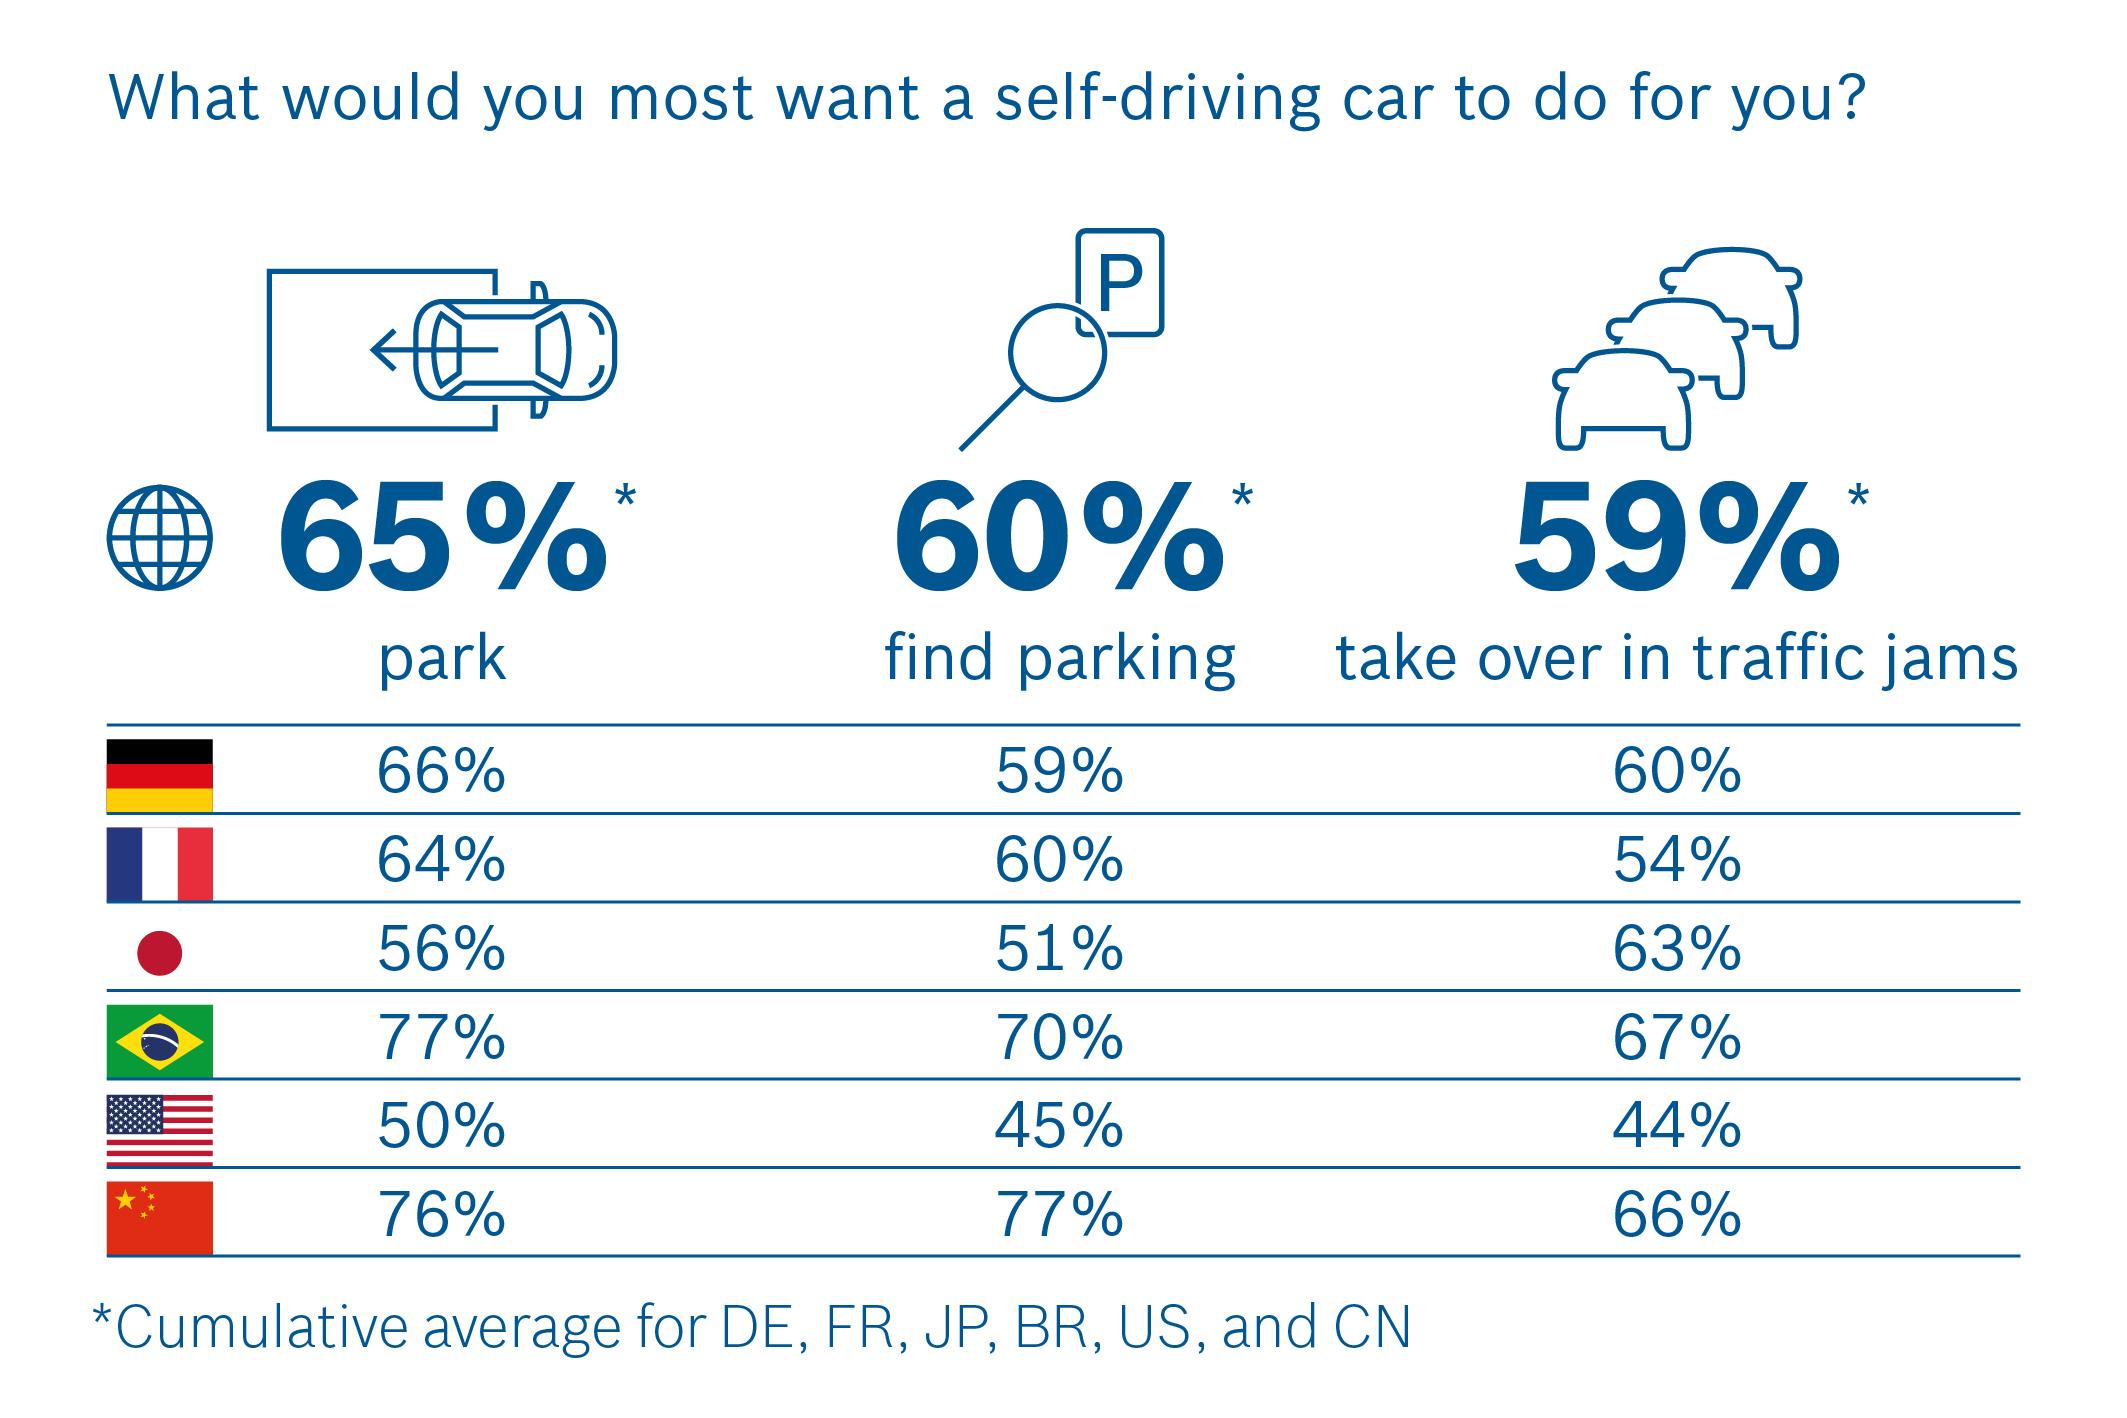 Mnoho respondentov túži po samoriadiacom aute, ktorému by prenechali stres a povinnosti spojené s riadením